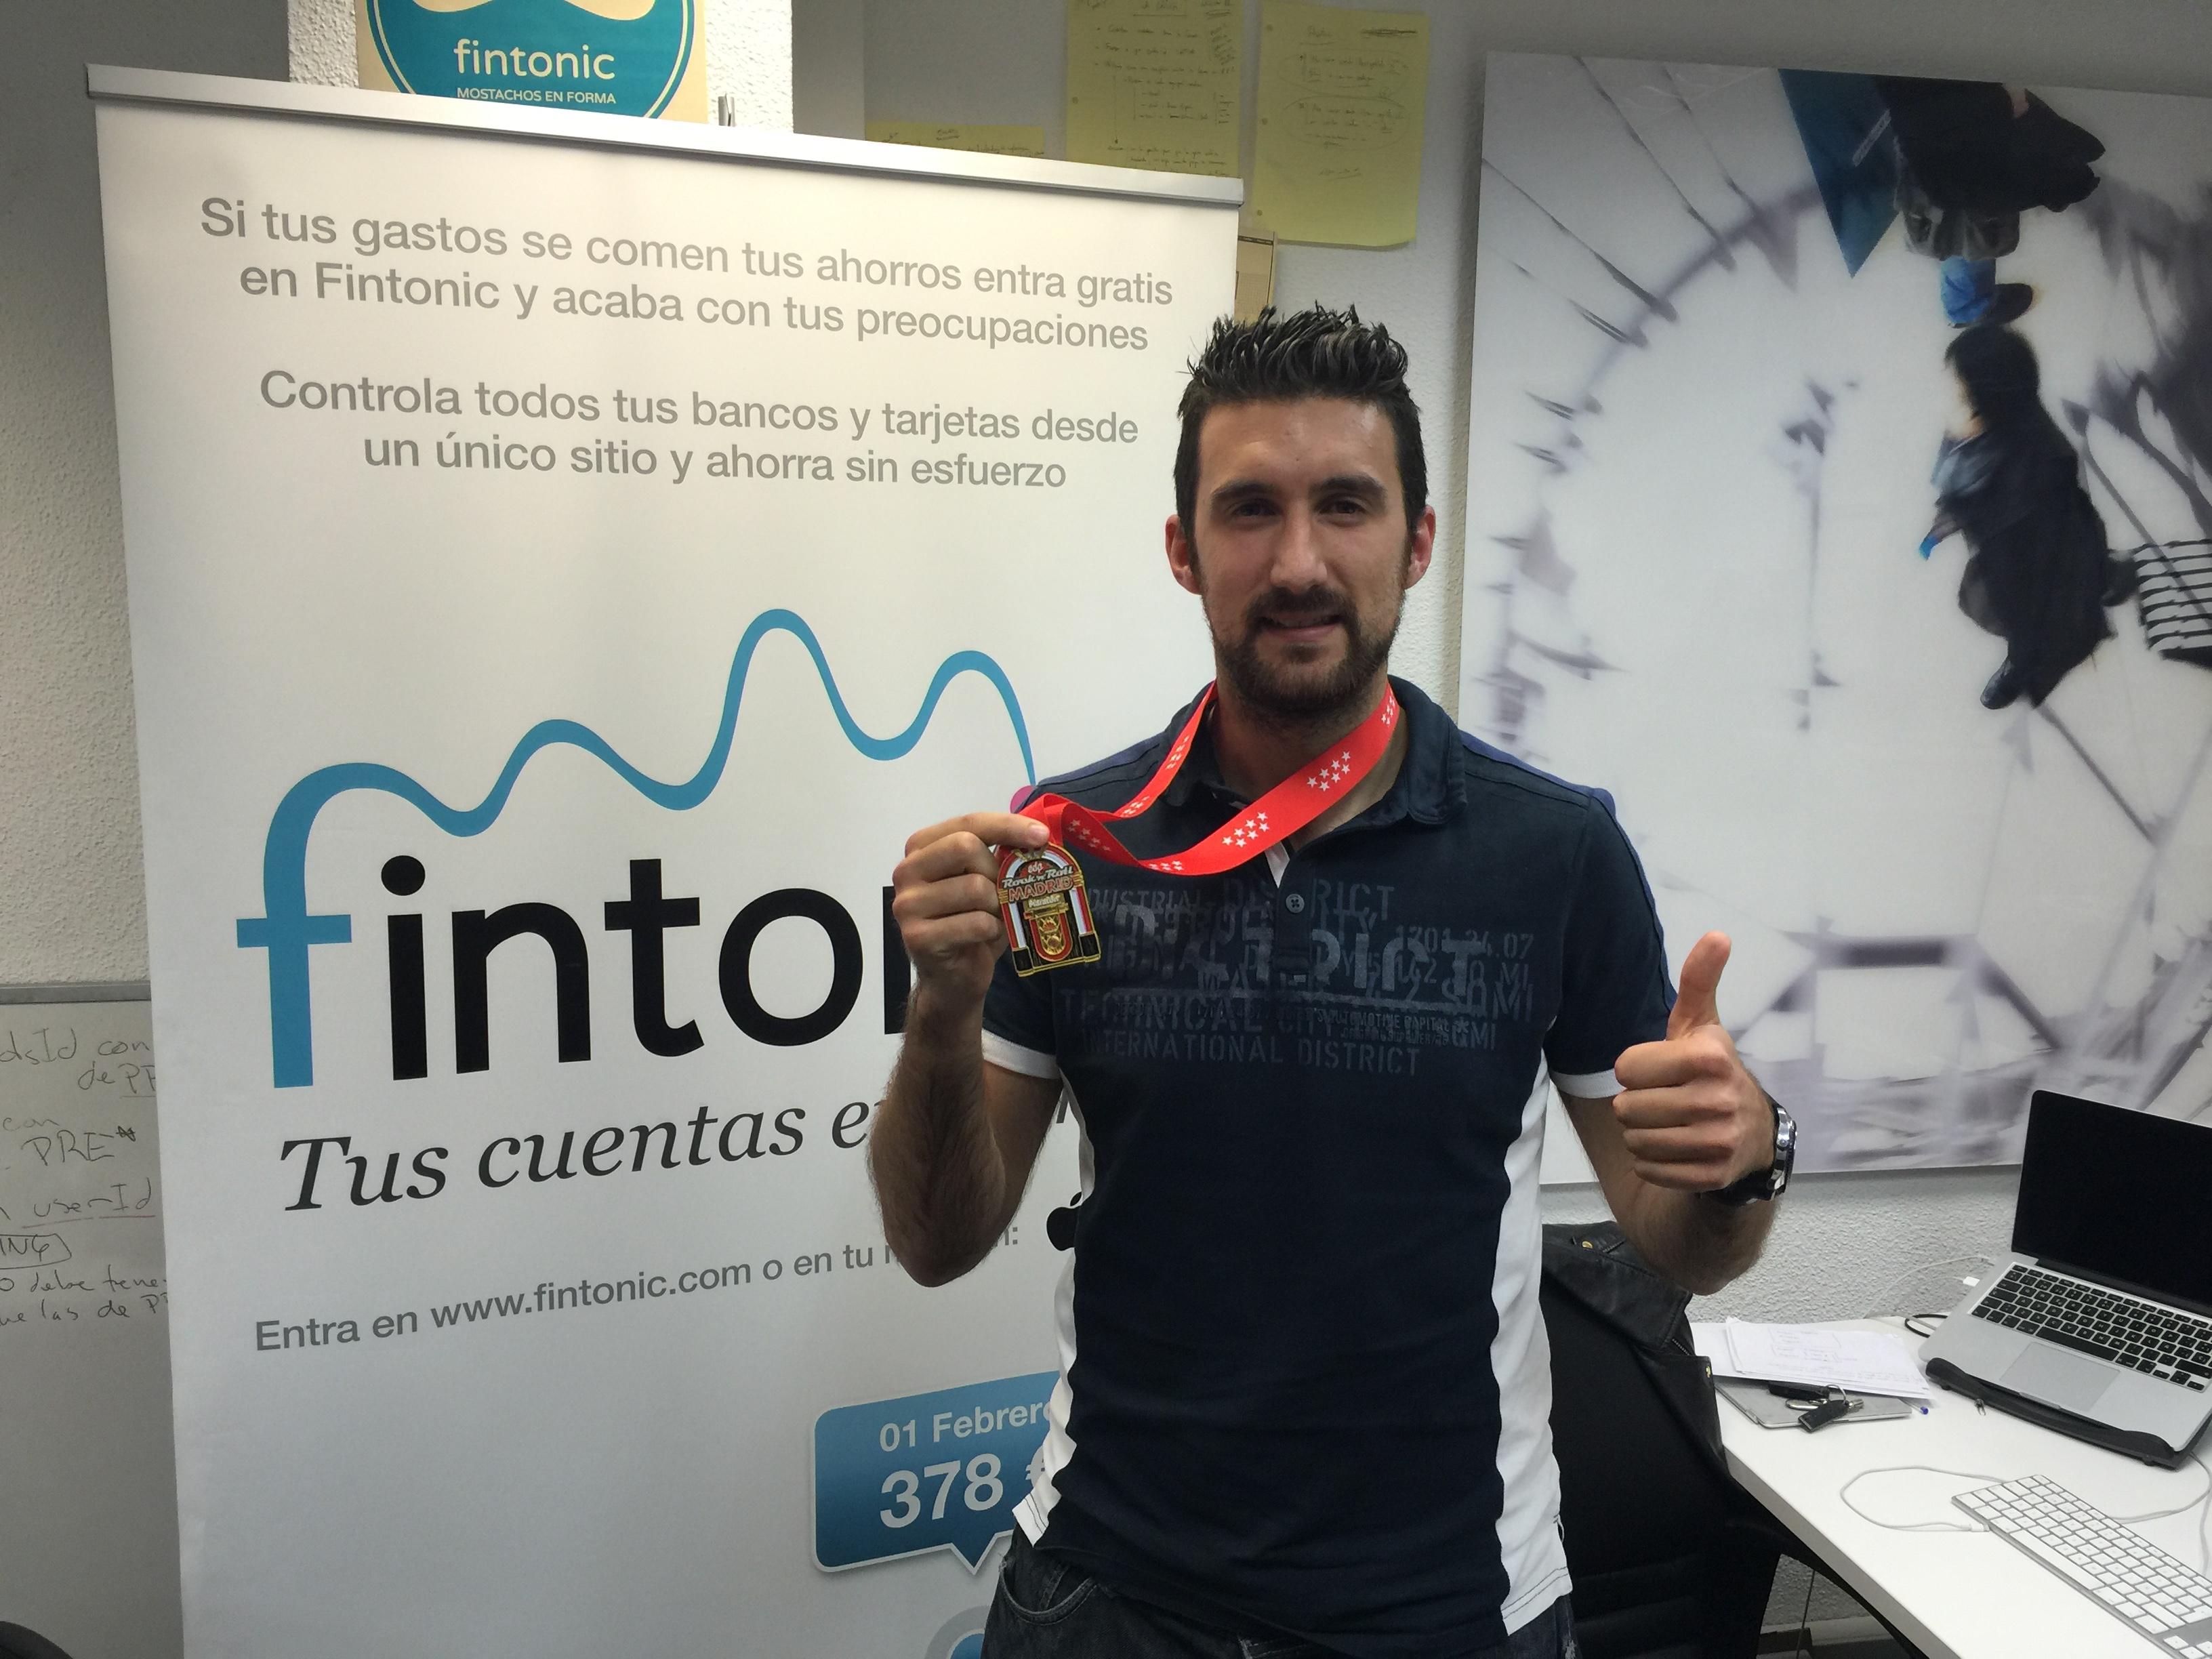 """Entrevista al """"maratón man"""" de Fintonic"""